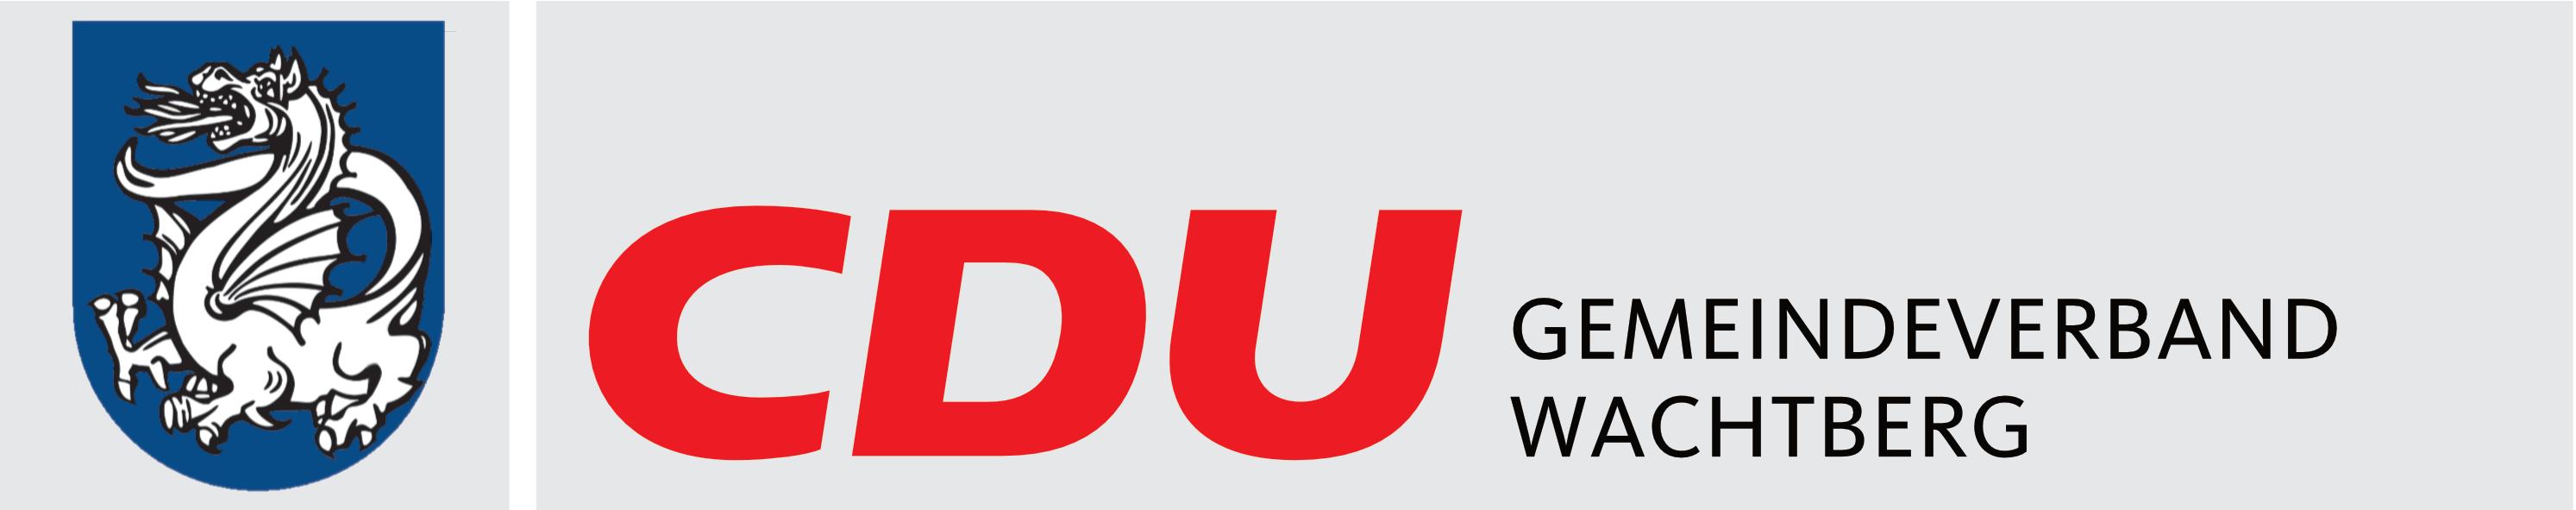 Logo: CDU Gemeindeverband Wachtberg